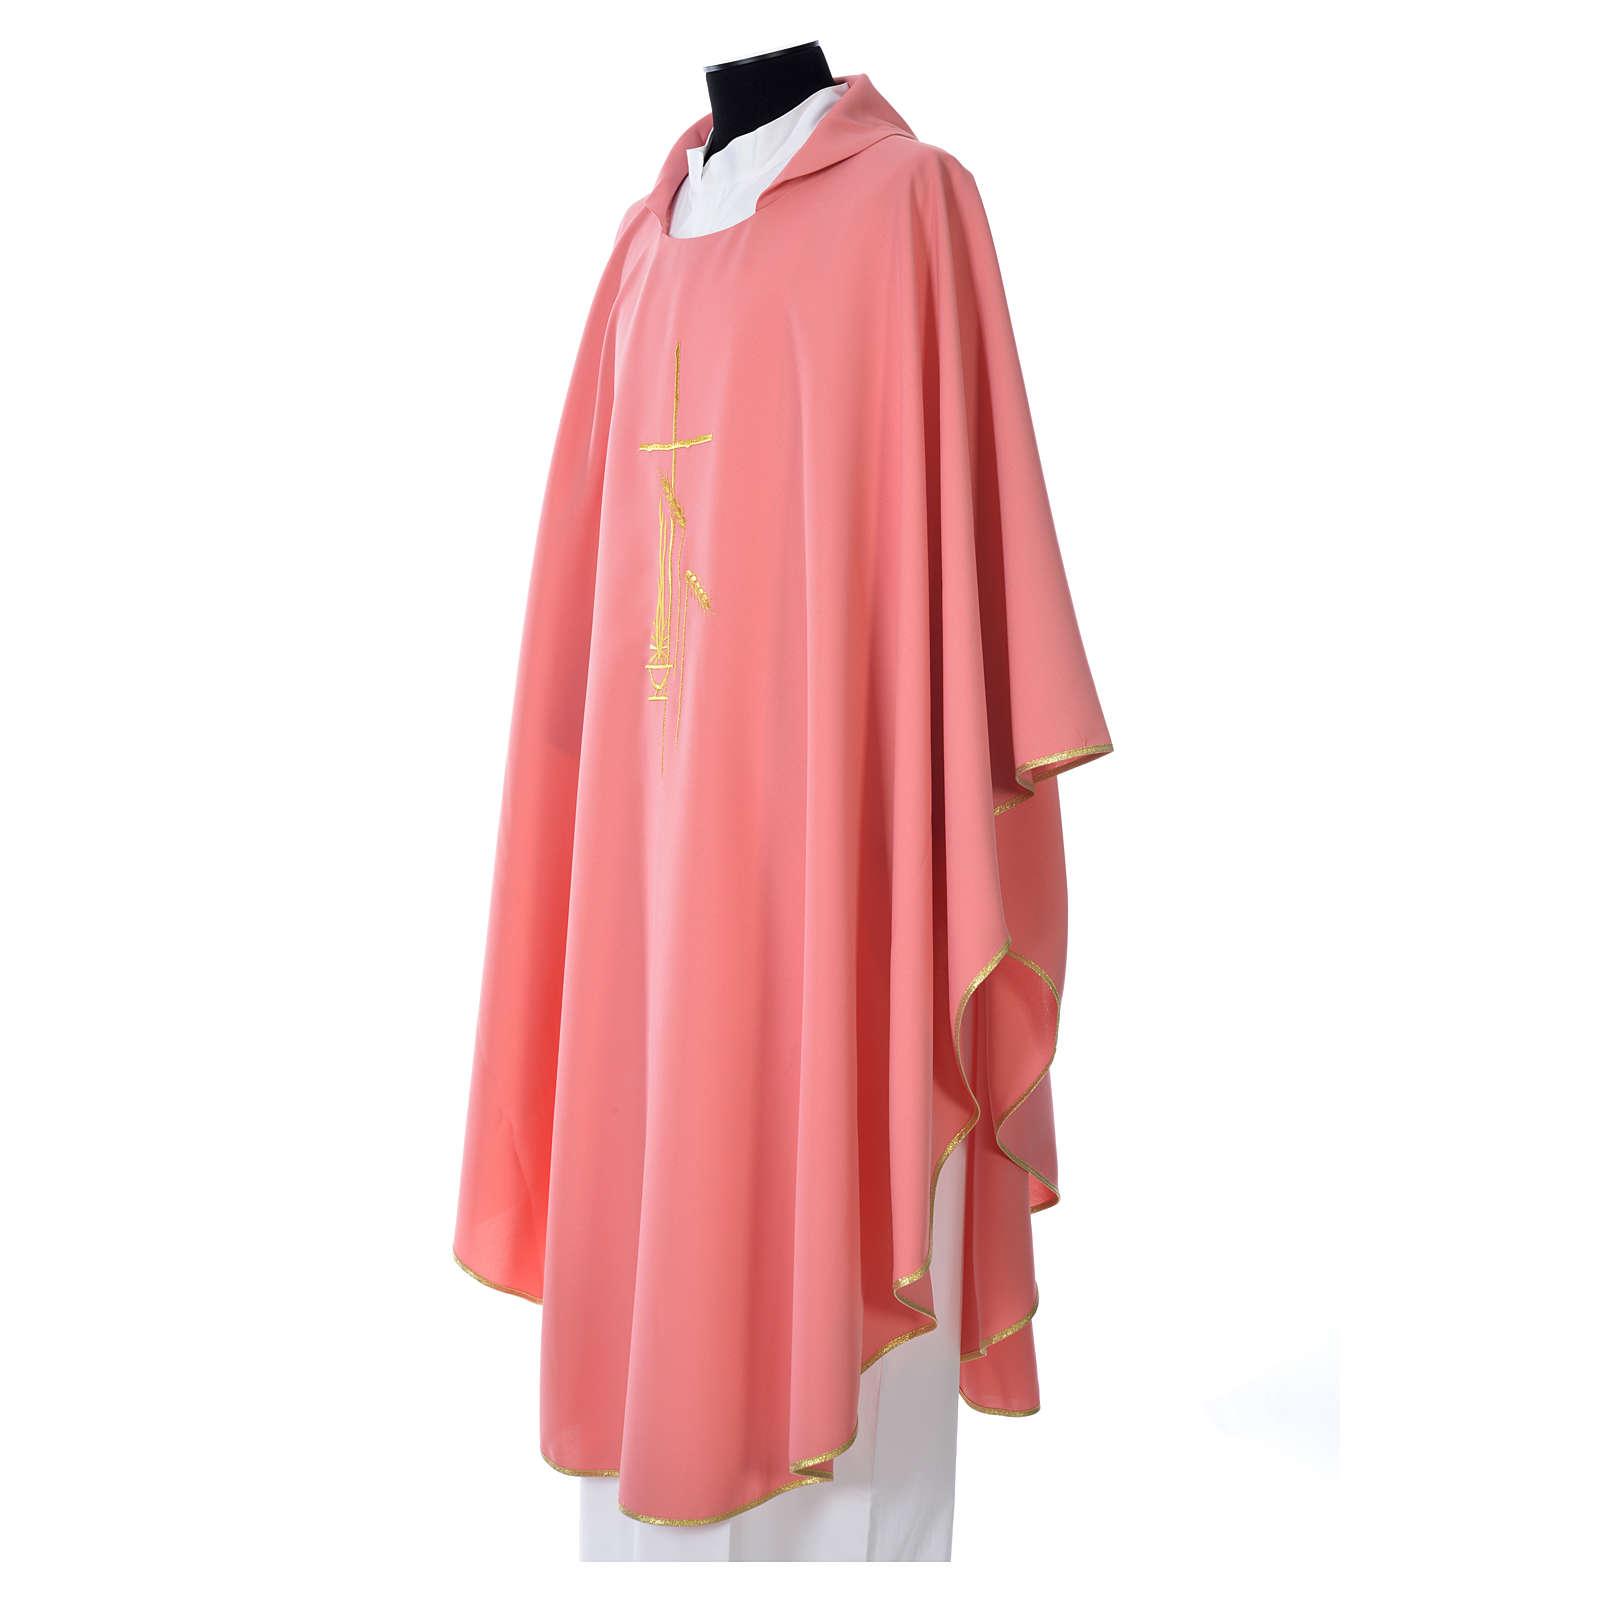 Casula cor-de-rosa poliéster cruz fina trigo lanterna 4